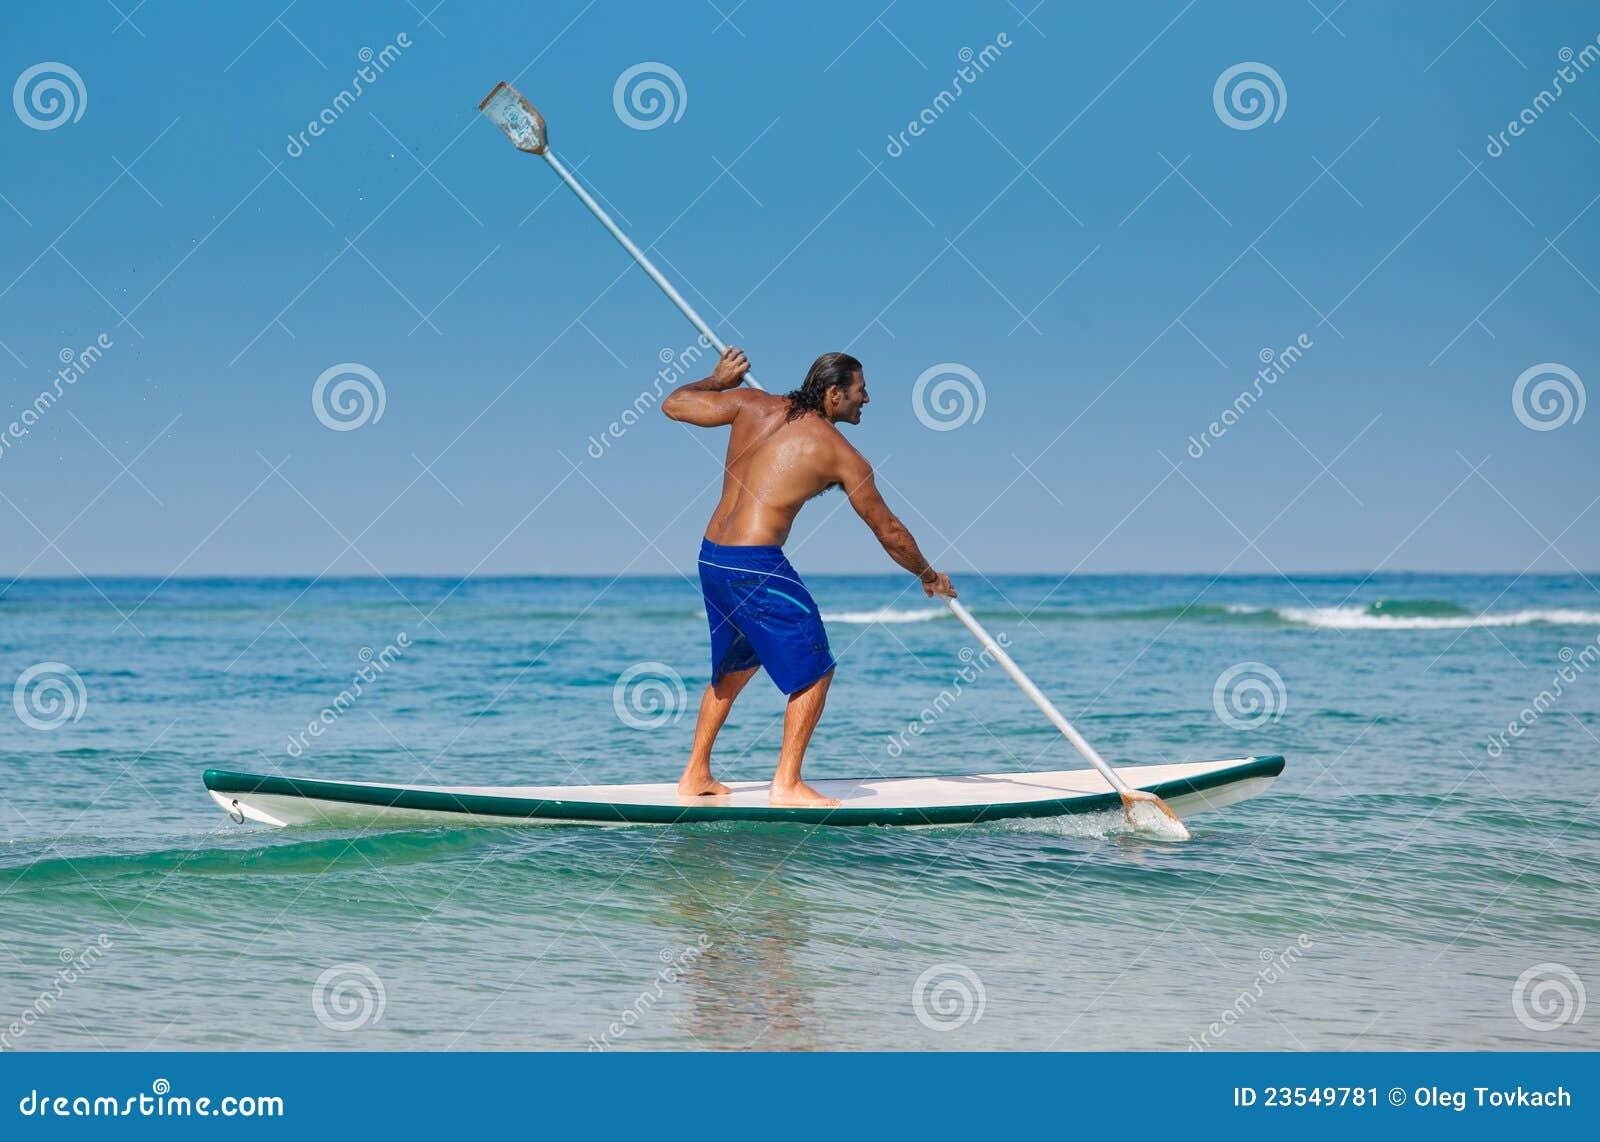 Доска для серфинга своими руками видео